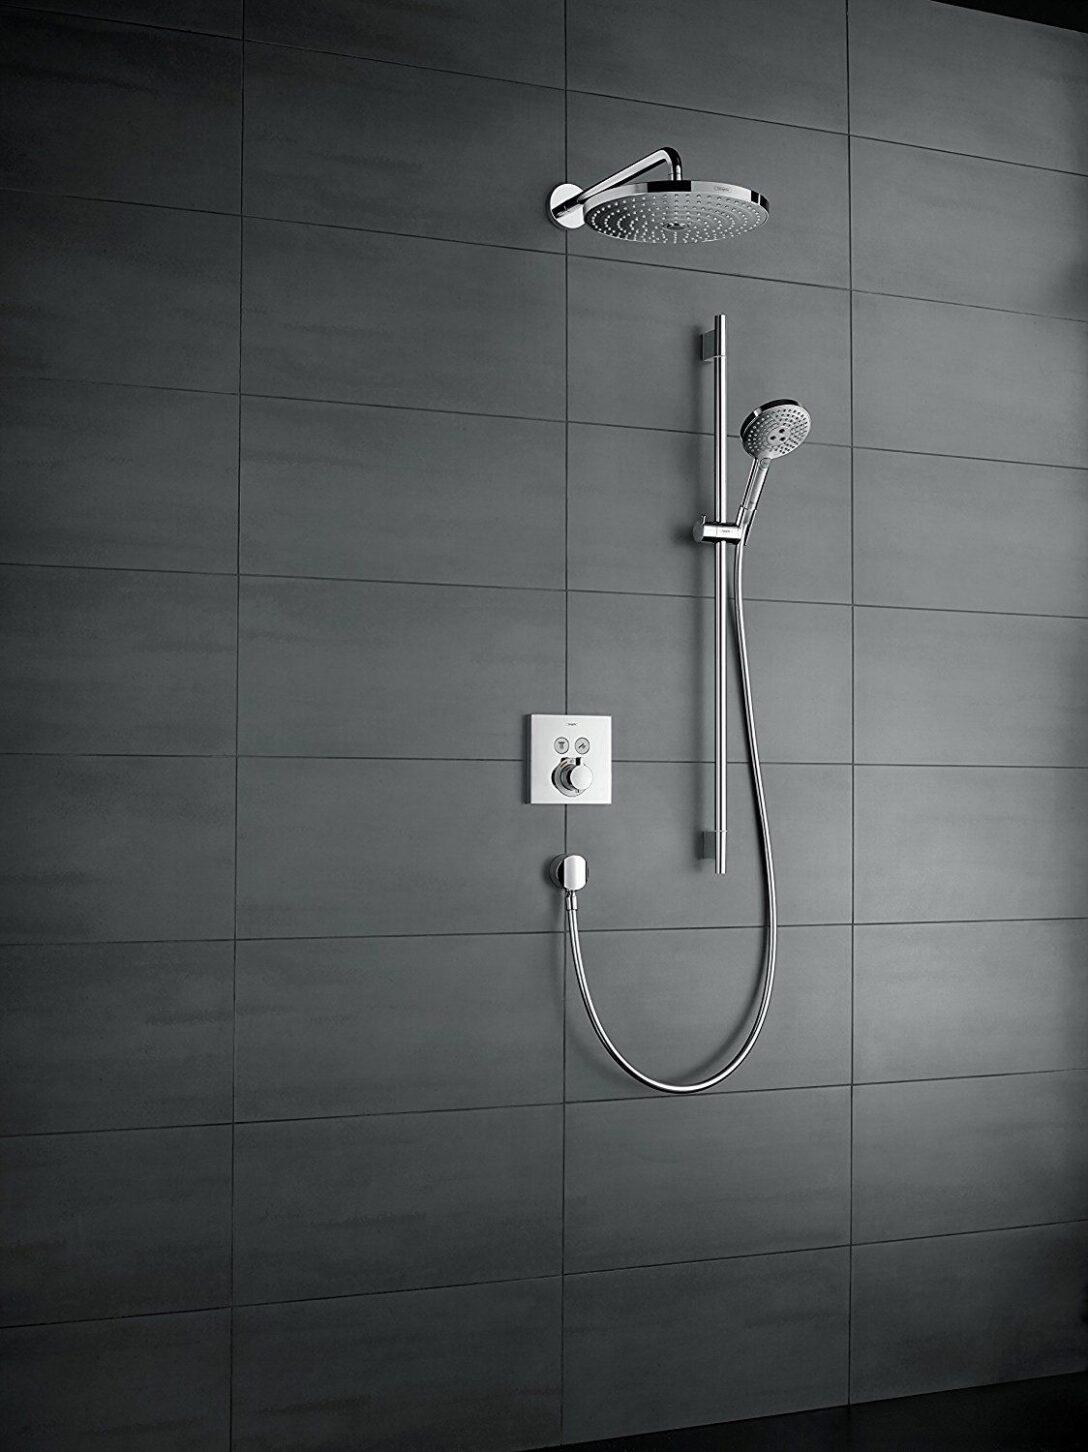 Large Size of Dusche Unterputz Grohe Schwarz Hans Thermostat Hansa Hansgrohe Einbauen Ideal Standard Mischbatterie Reparieren Defekt Armatur Einhebelmischer Austauschen Dusche Dusche Unterputz